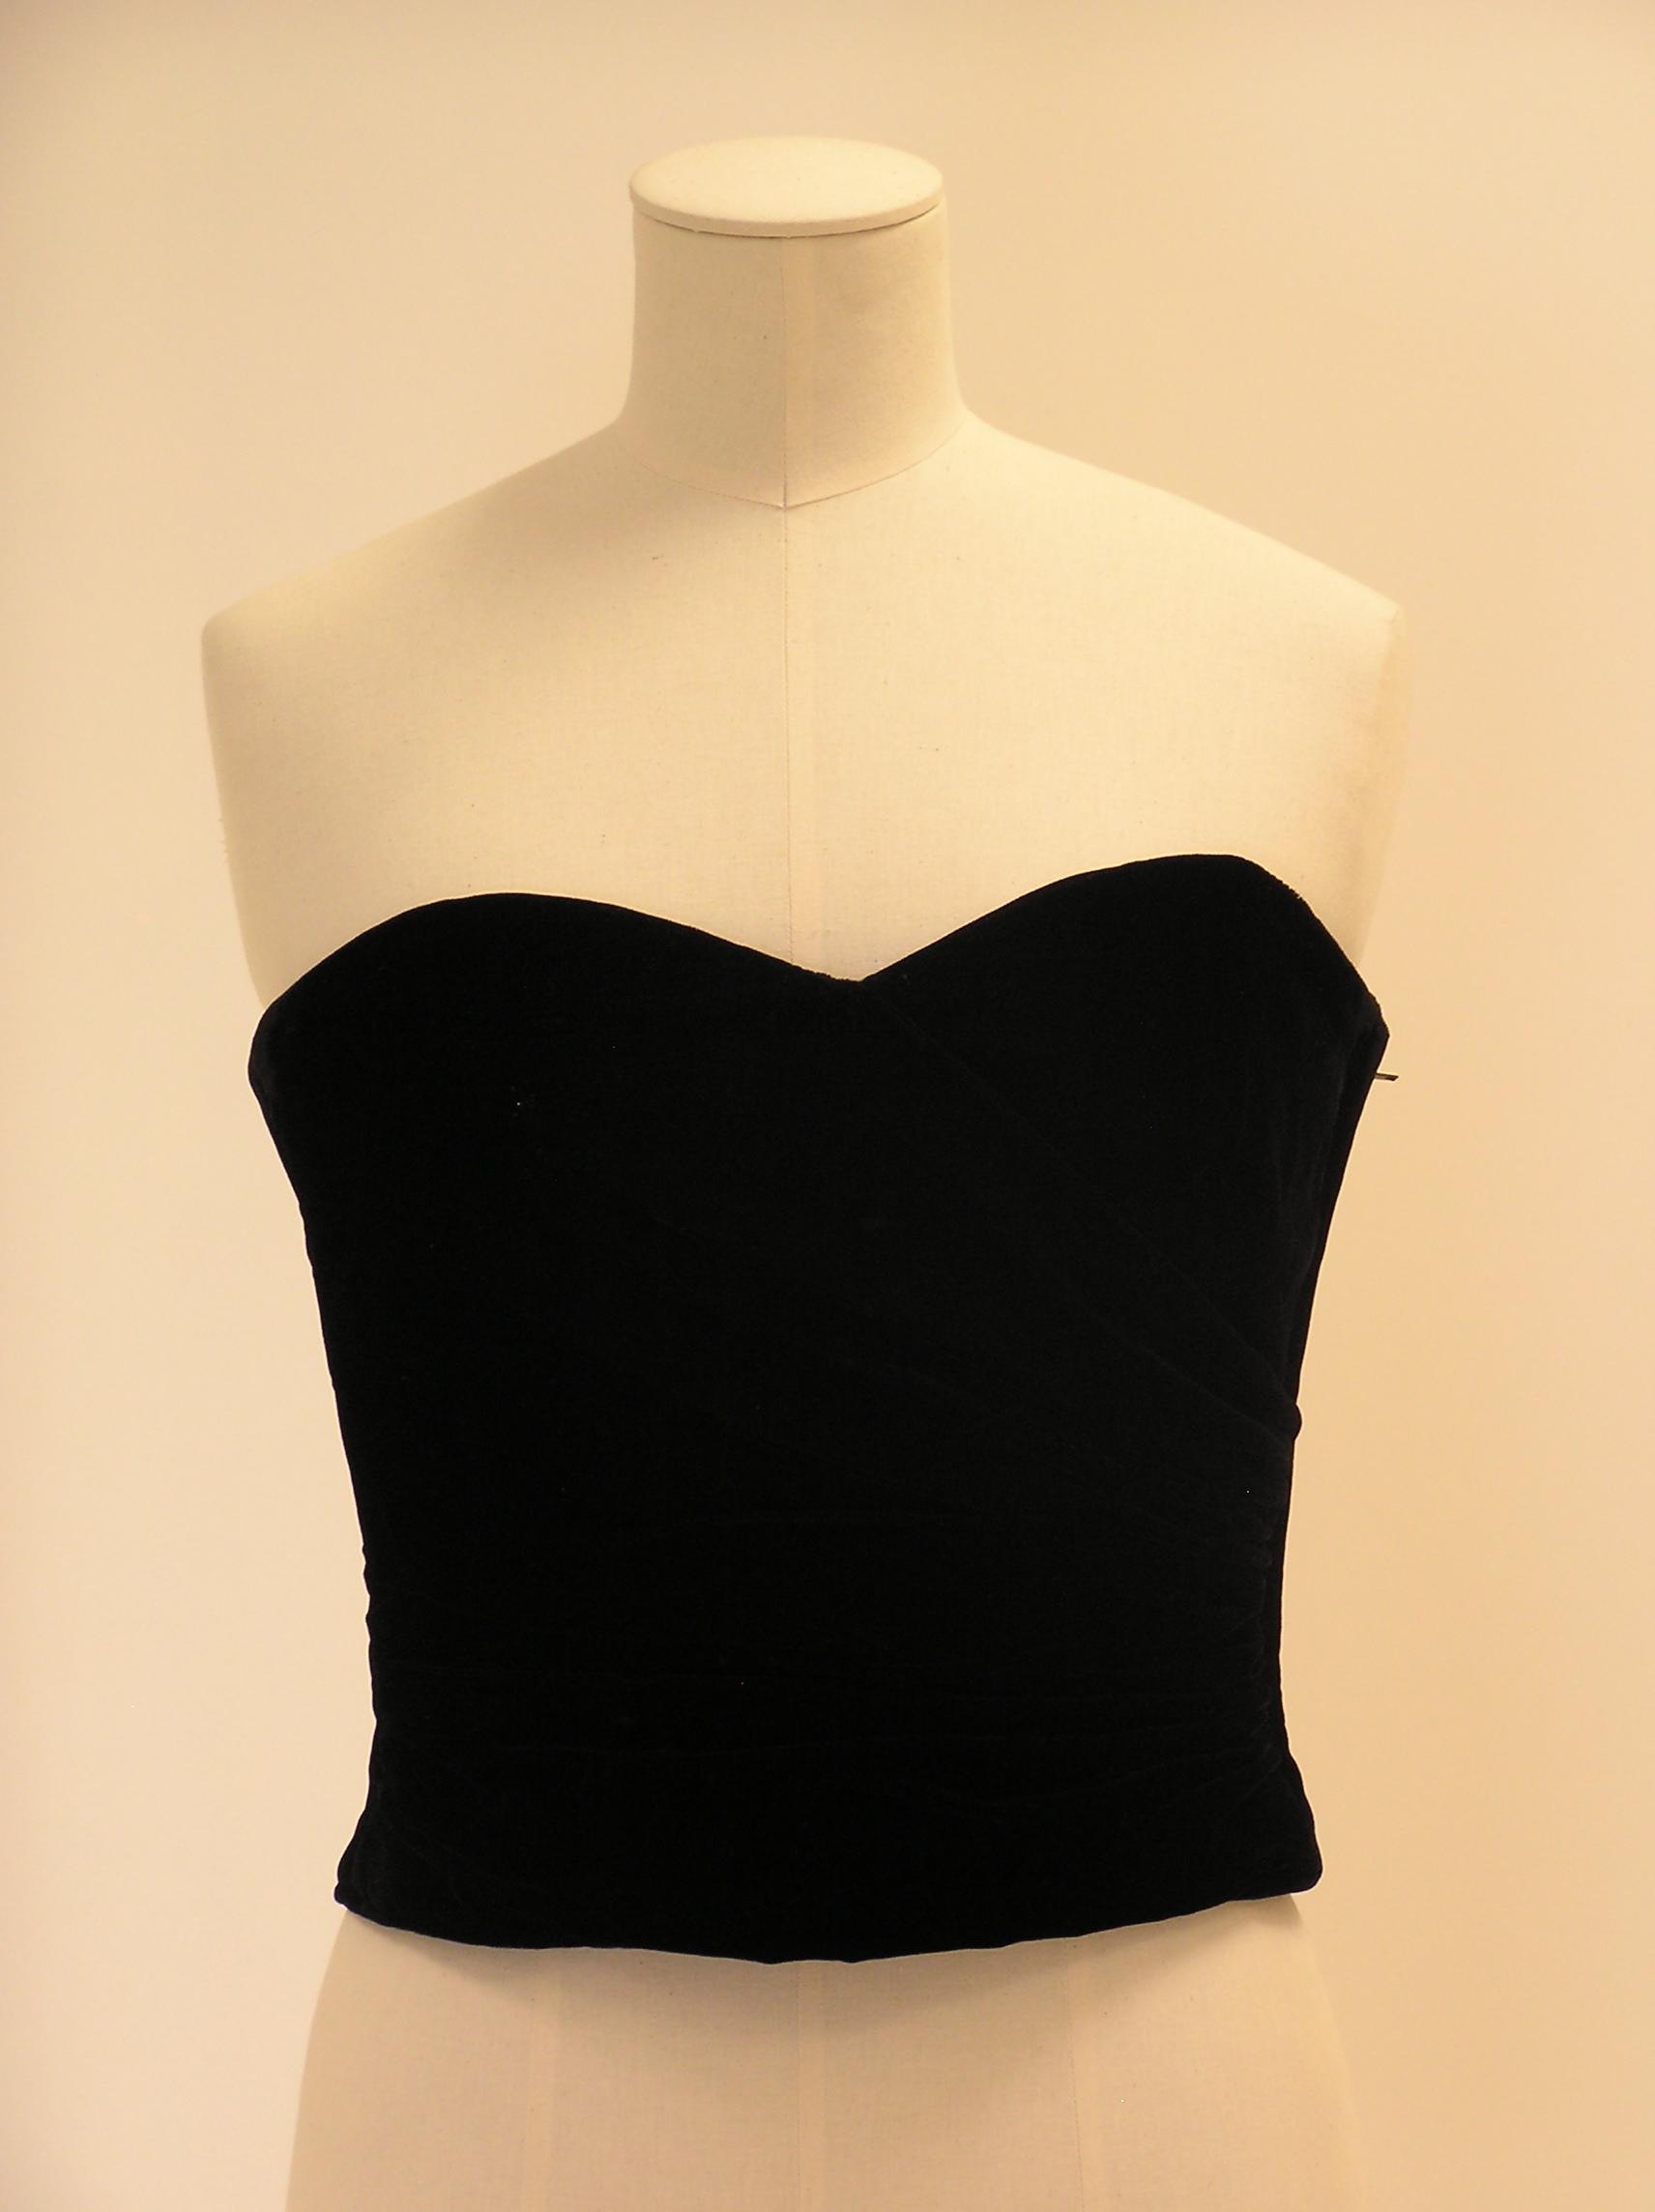 Cuerpo-corpiño en terciopelo negro